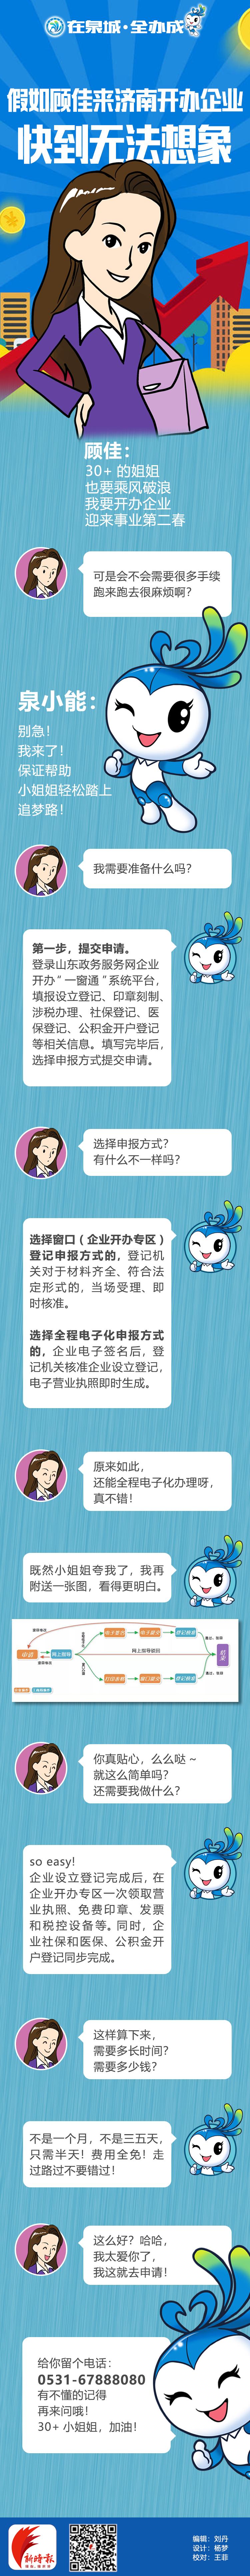 漫画:假如顾佳来济南开办企业......